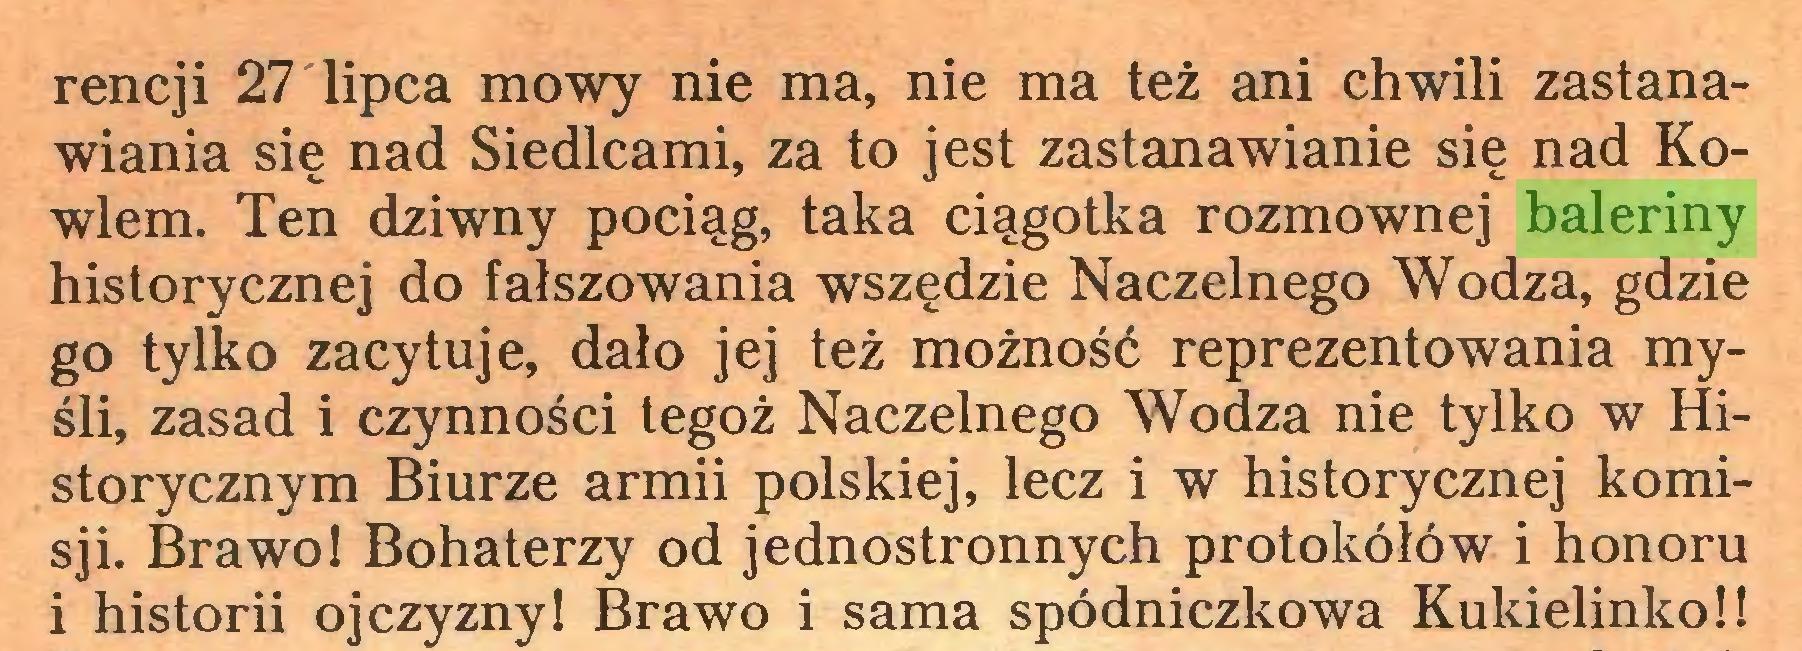 (...) rencji 27 lipca mowy nie ma, nie ma też ani chwili zastanawiania się nad Siedlcami, za to jest zastanawianie się nad Kowlem. Ten dziwny pociąg, taka ciągotka rozmownej baleriny historycznej do fałszowania wszędzie Naczelnego Wodza, gdzie go tylko zacytuje, dało jej też możność reprezentowania myśli, zasad i czynności tegoż Naczelnego Wodza nie tylko w Historycznym Biurze armii polskiej, lecz i w historycznej komisji. Brawo! Bohaterzy od jednostronnych protokółów i honoru i historii ojczyzny! Brawo i sama spódniczkowa Kukielinko!!...